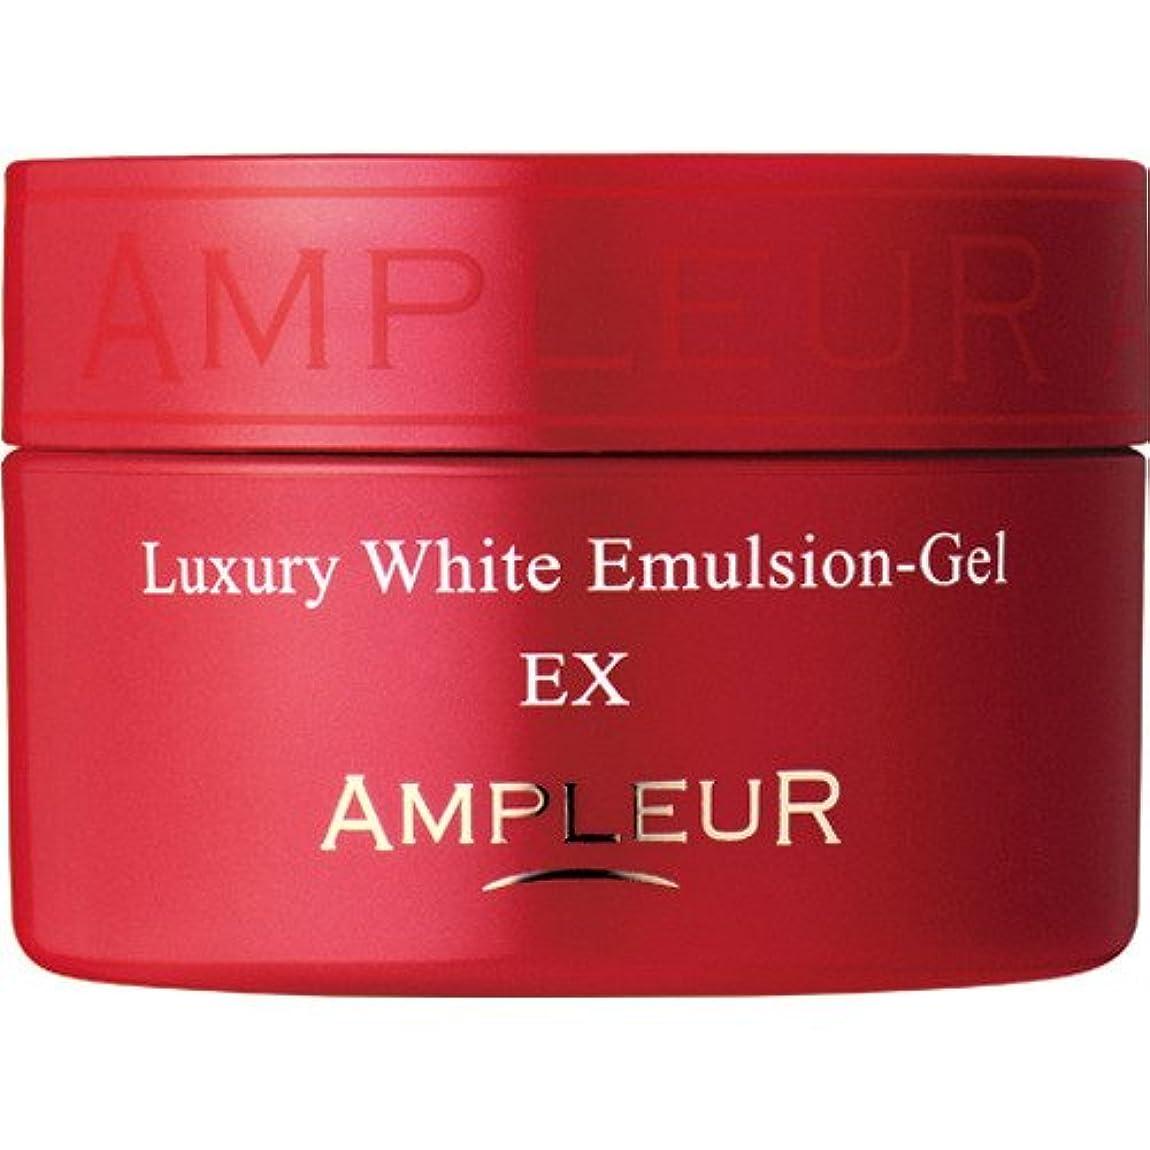 プロットセール平らなAMPLEUR(アンプルール) ラグジュアリーホワイト エマルジョンゲルEX 50g